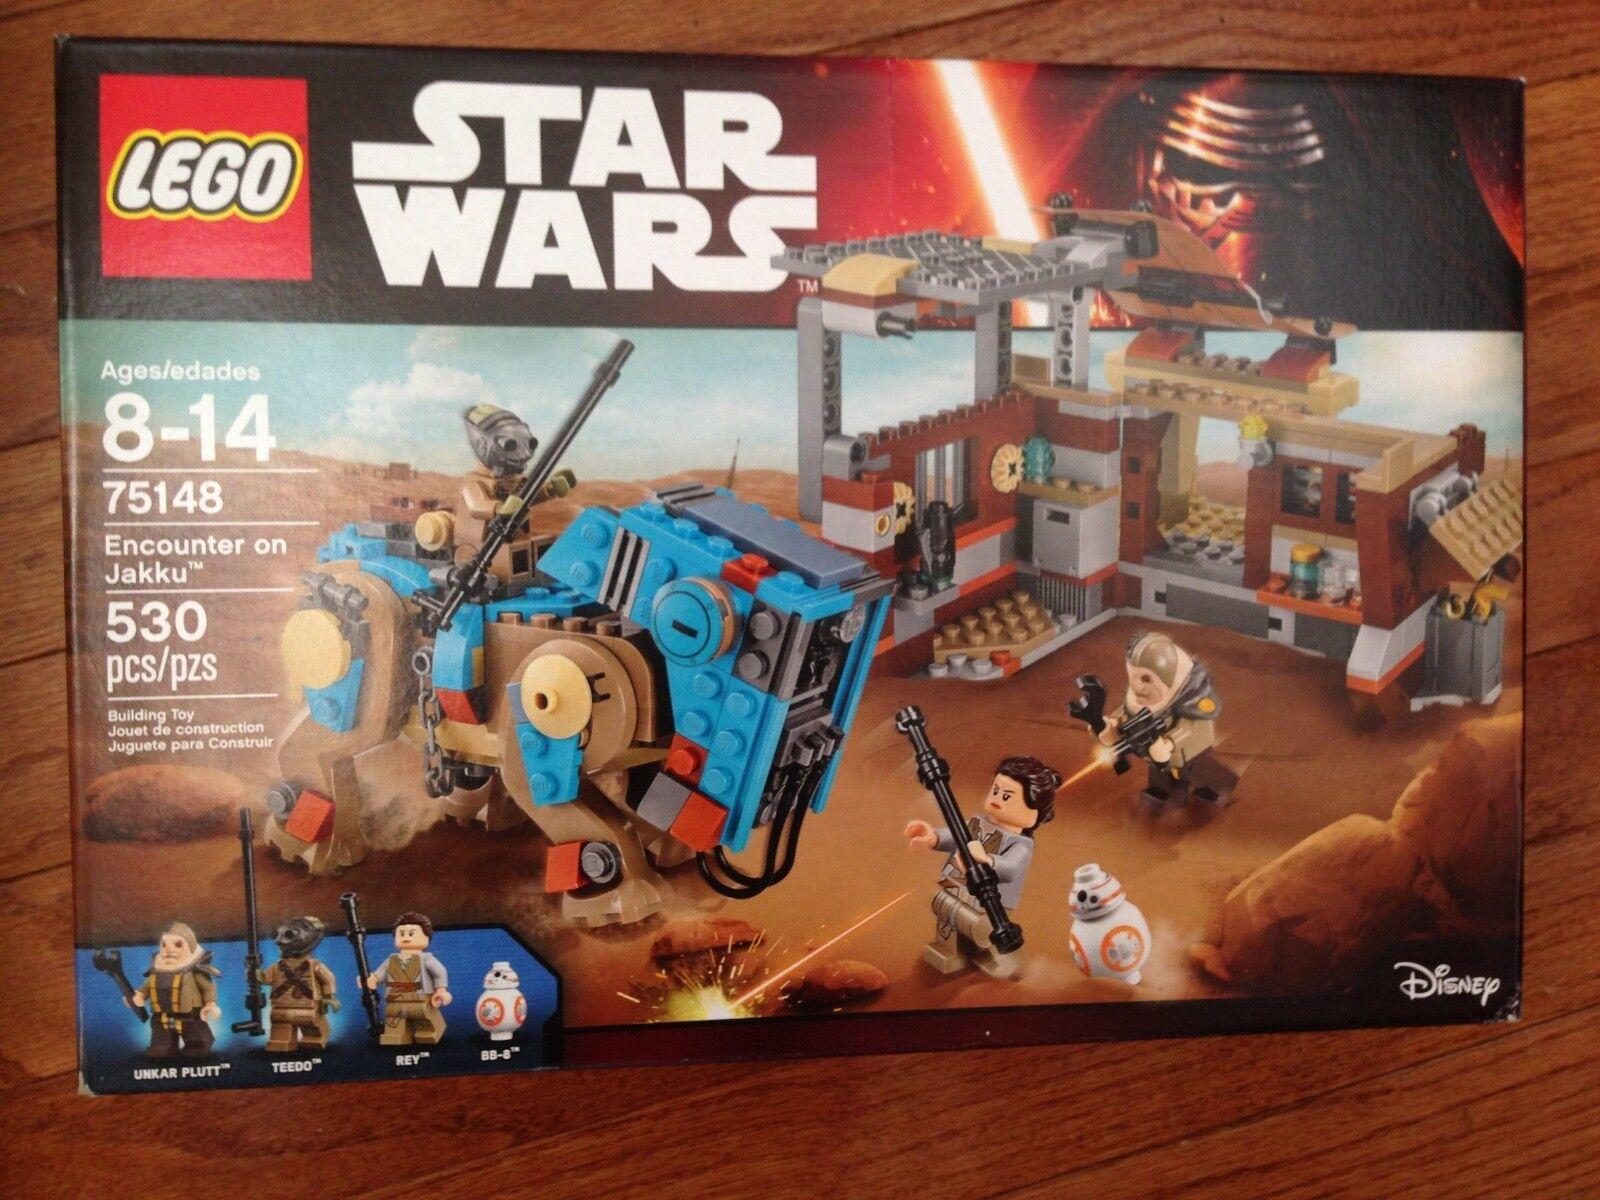 Factory Sealed Lego Star Wars 75148 Encounter Jakku Rey BB8 Teedo Unkar Plutt